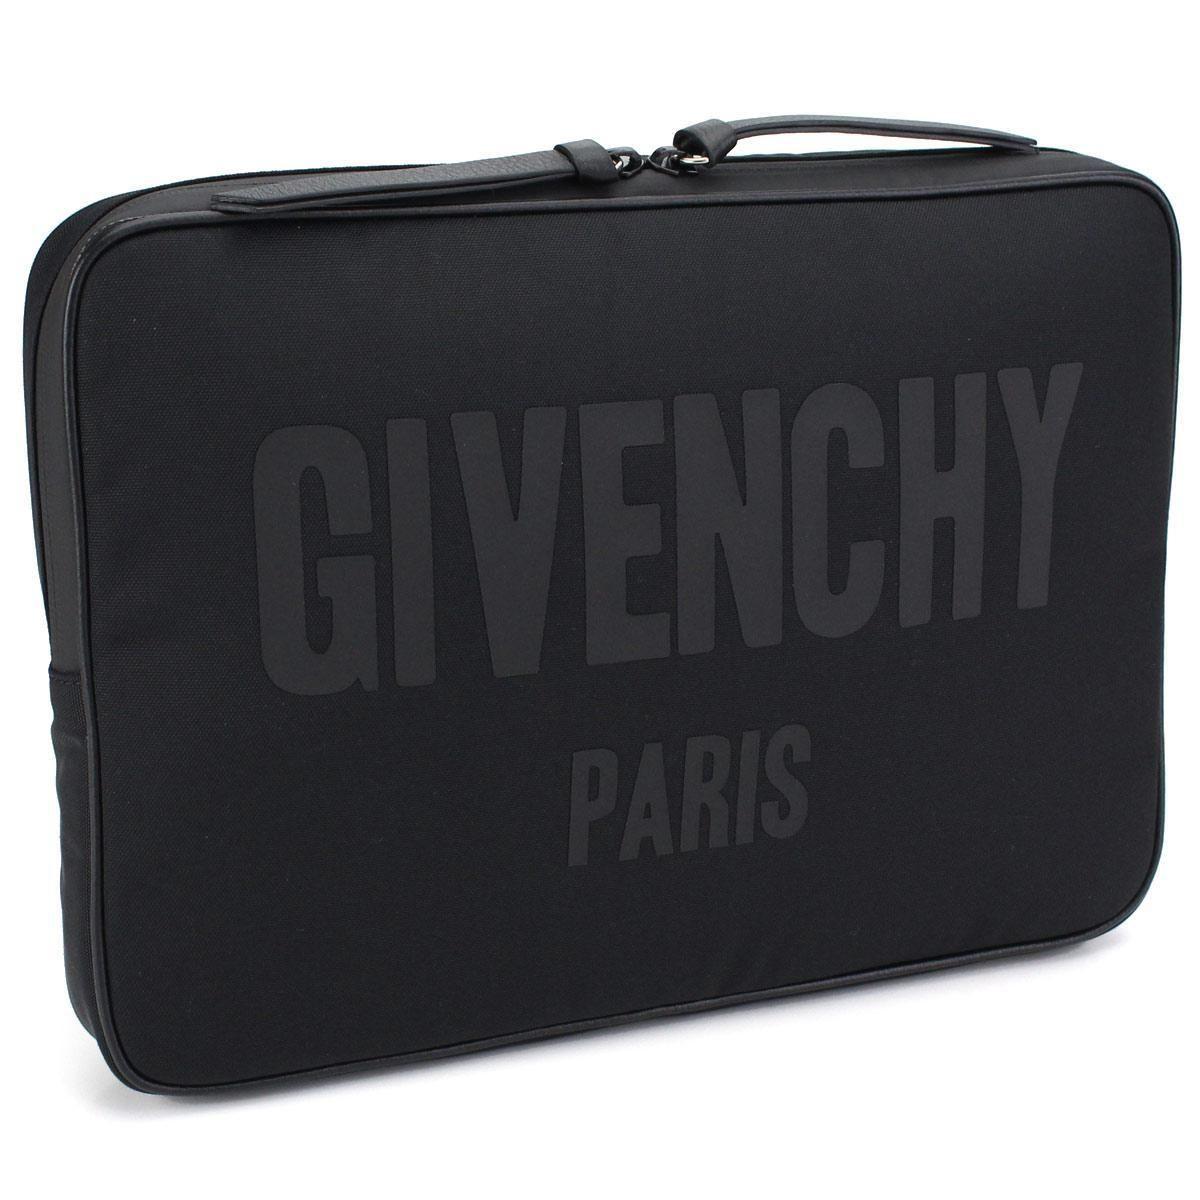 ジバンシー (GIVENCHY) ロゴプリント クラッチバッグBJ05019240 001BLACK ブラック